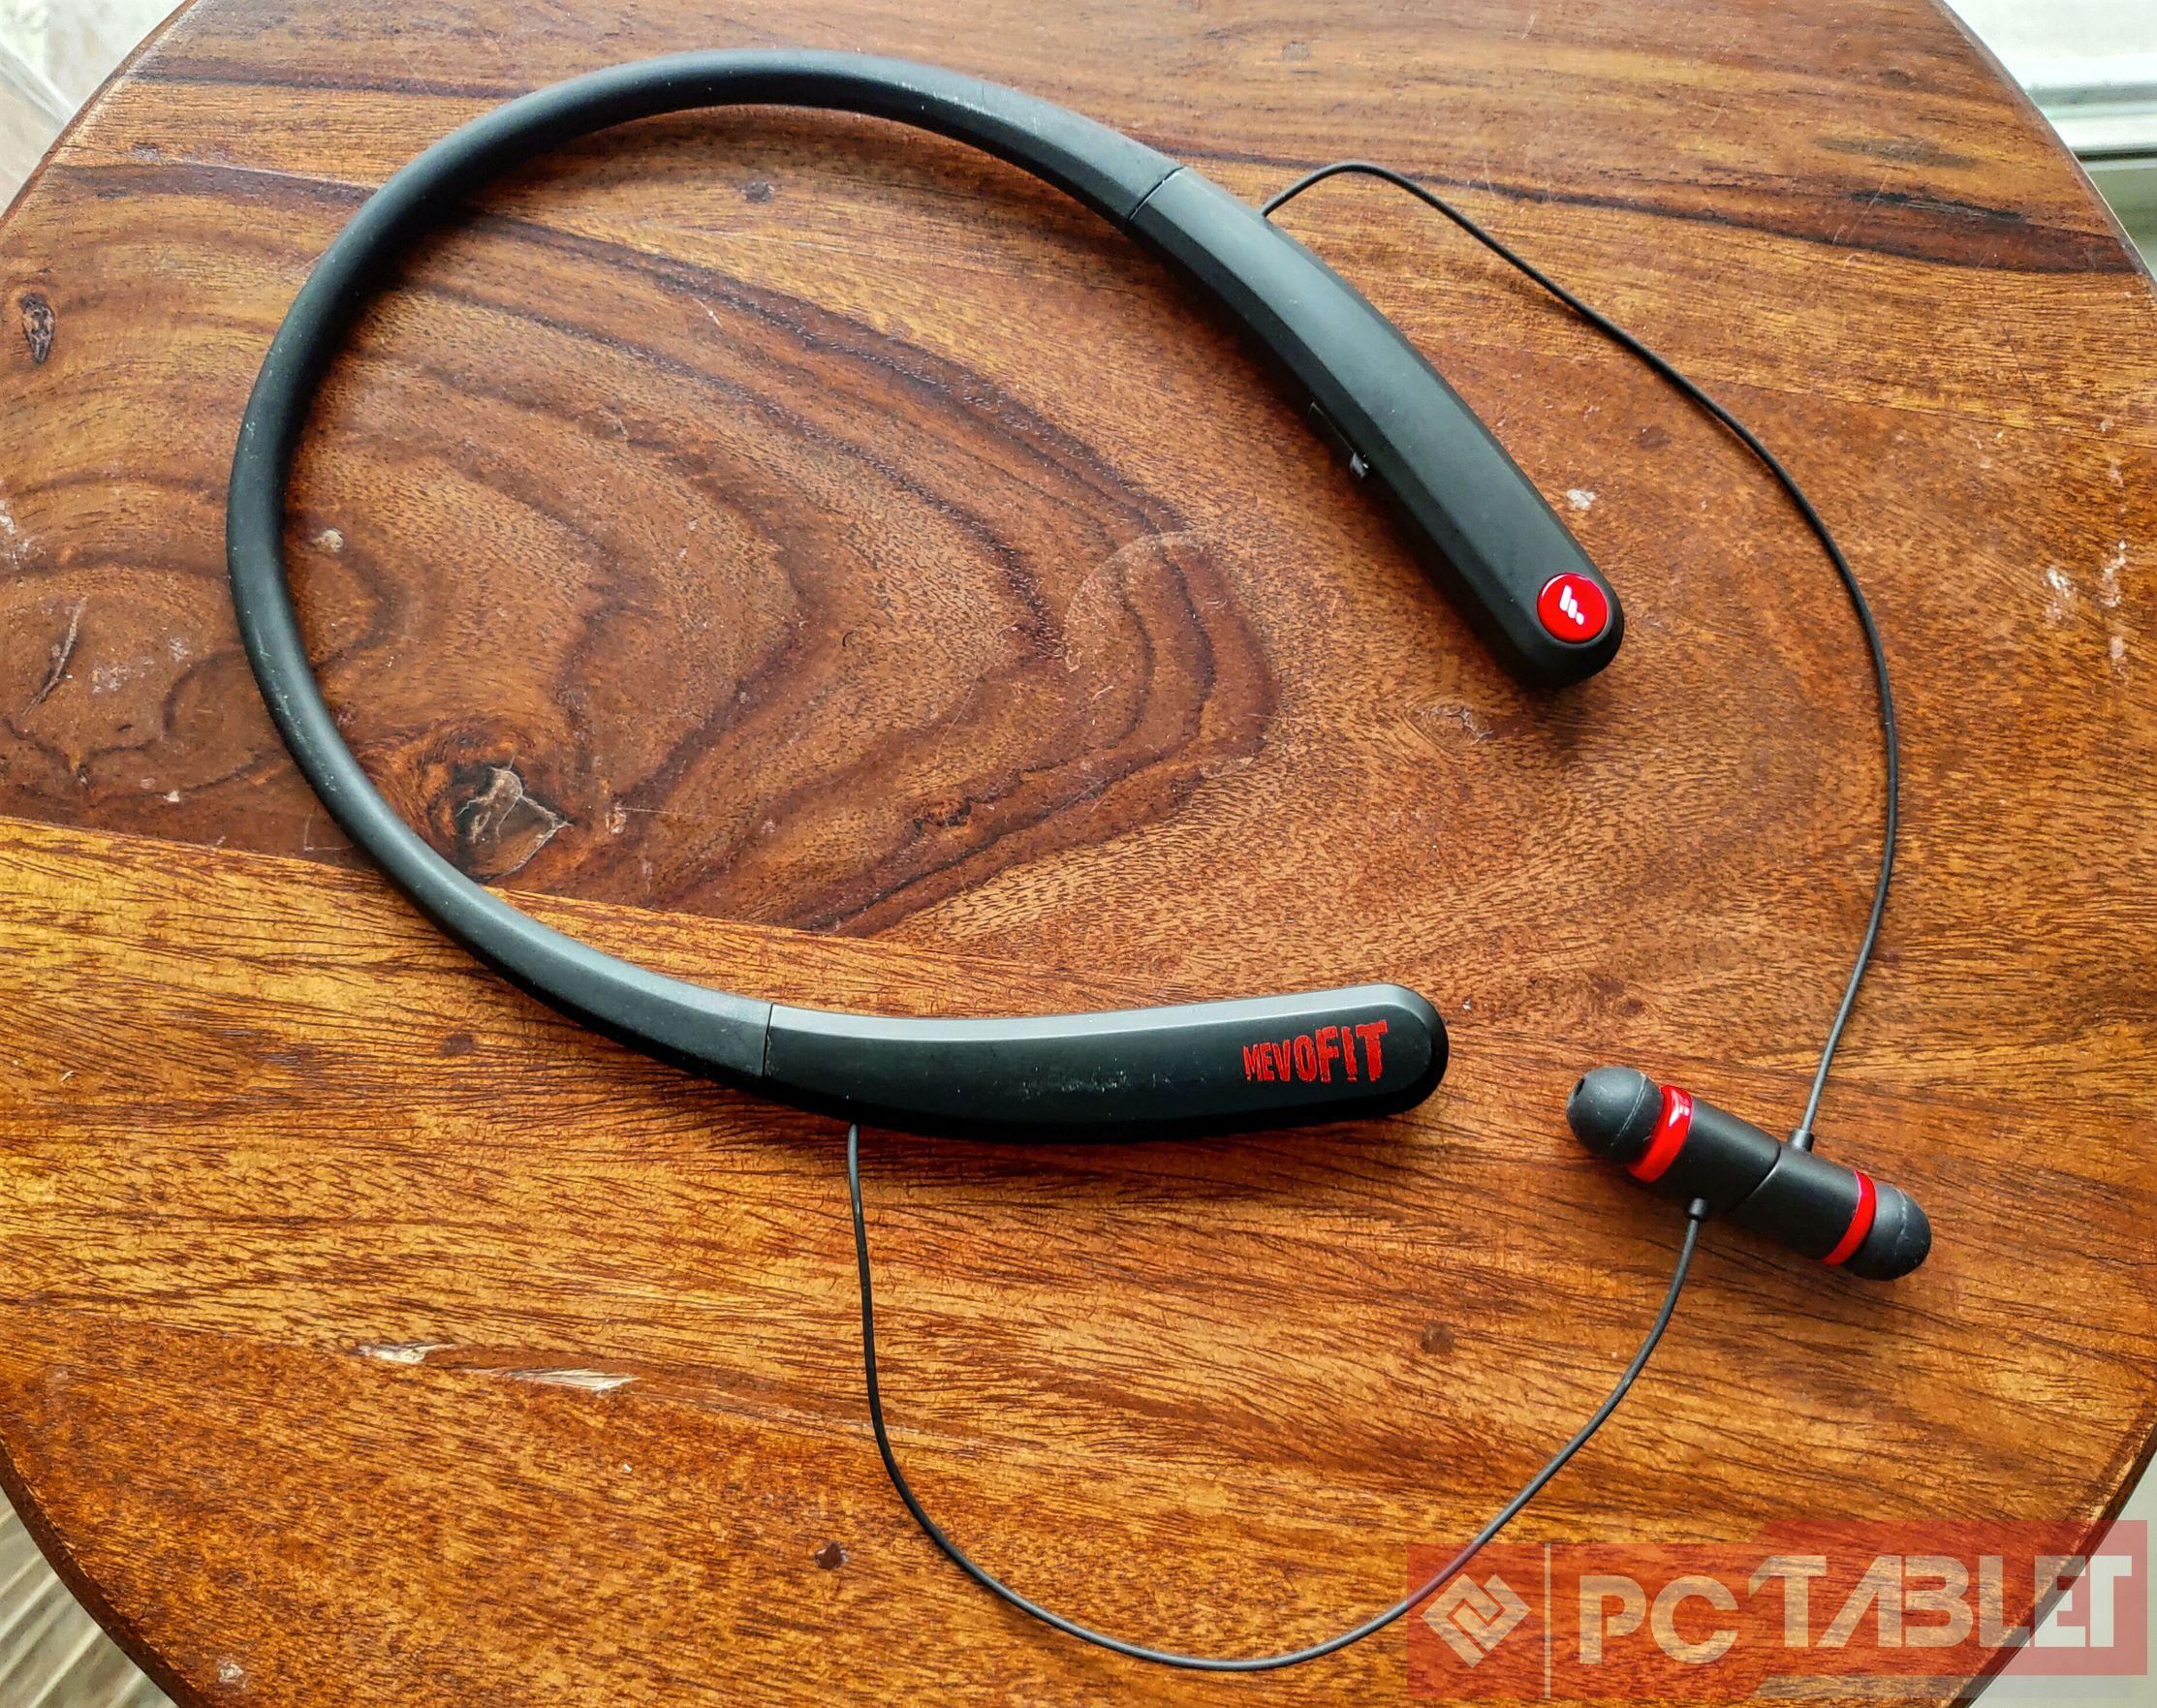 MevoFit Play N100 earphones 4